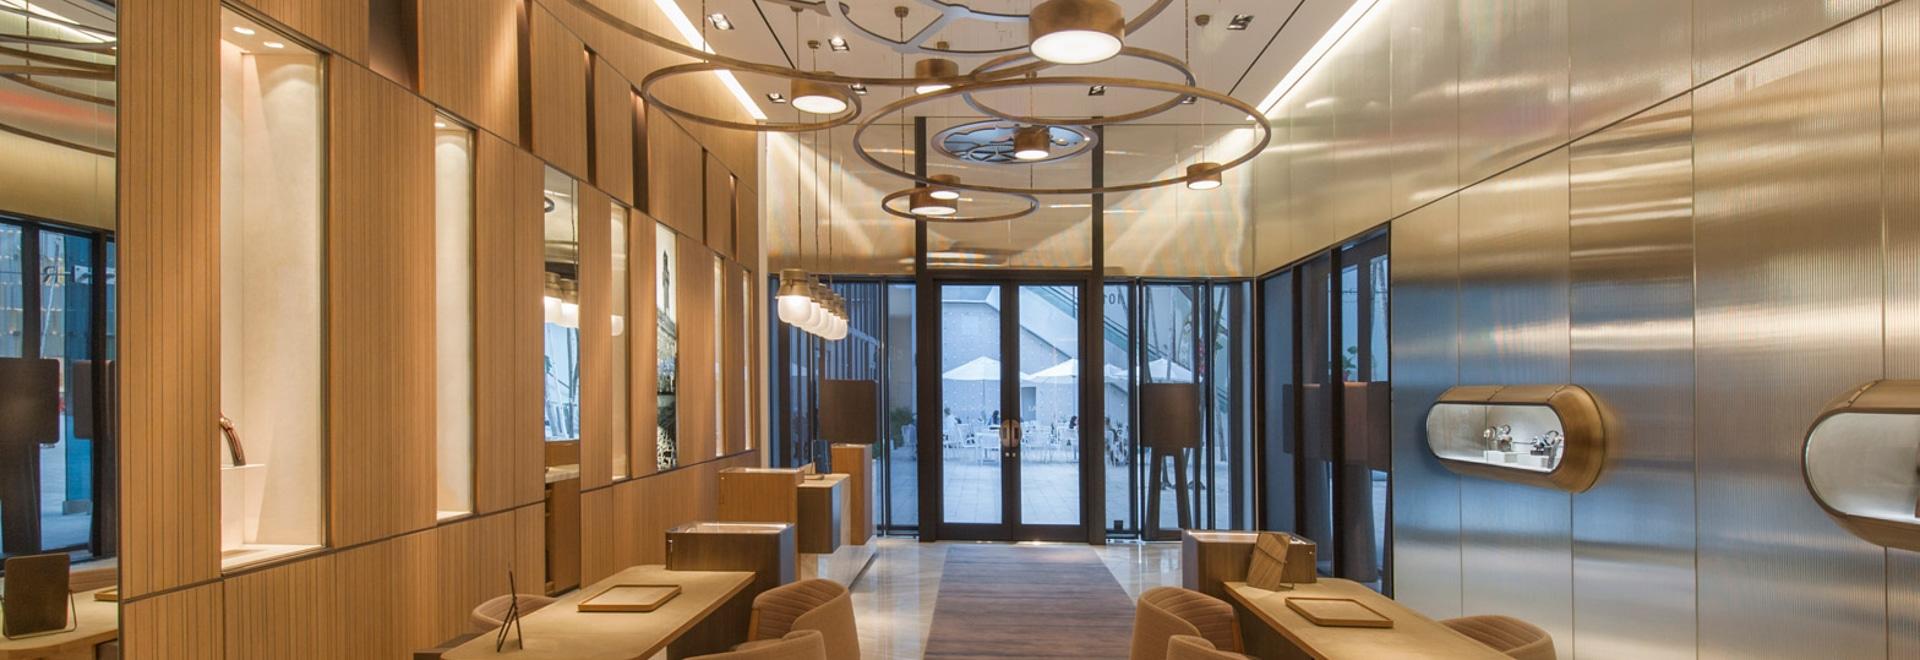 El diseño del almacén de Miami de Patricia Urquiola para las referencias de Panerai mira mecanismos